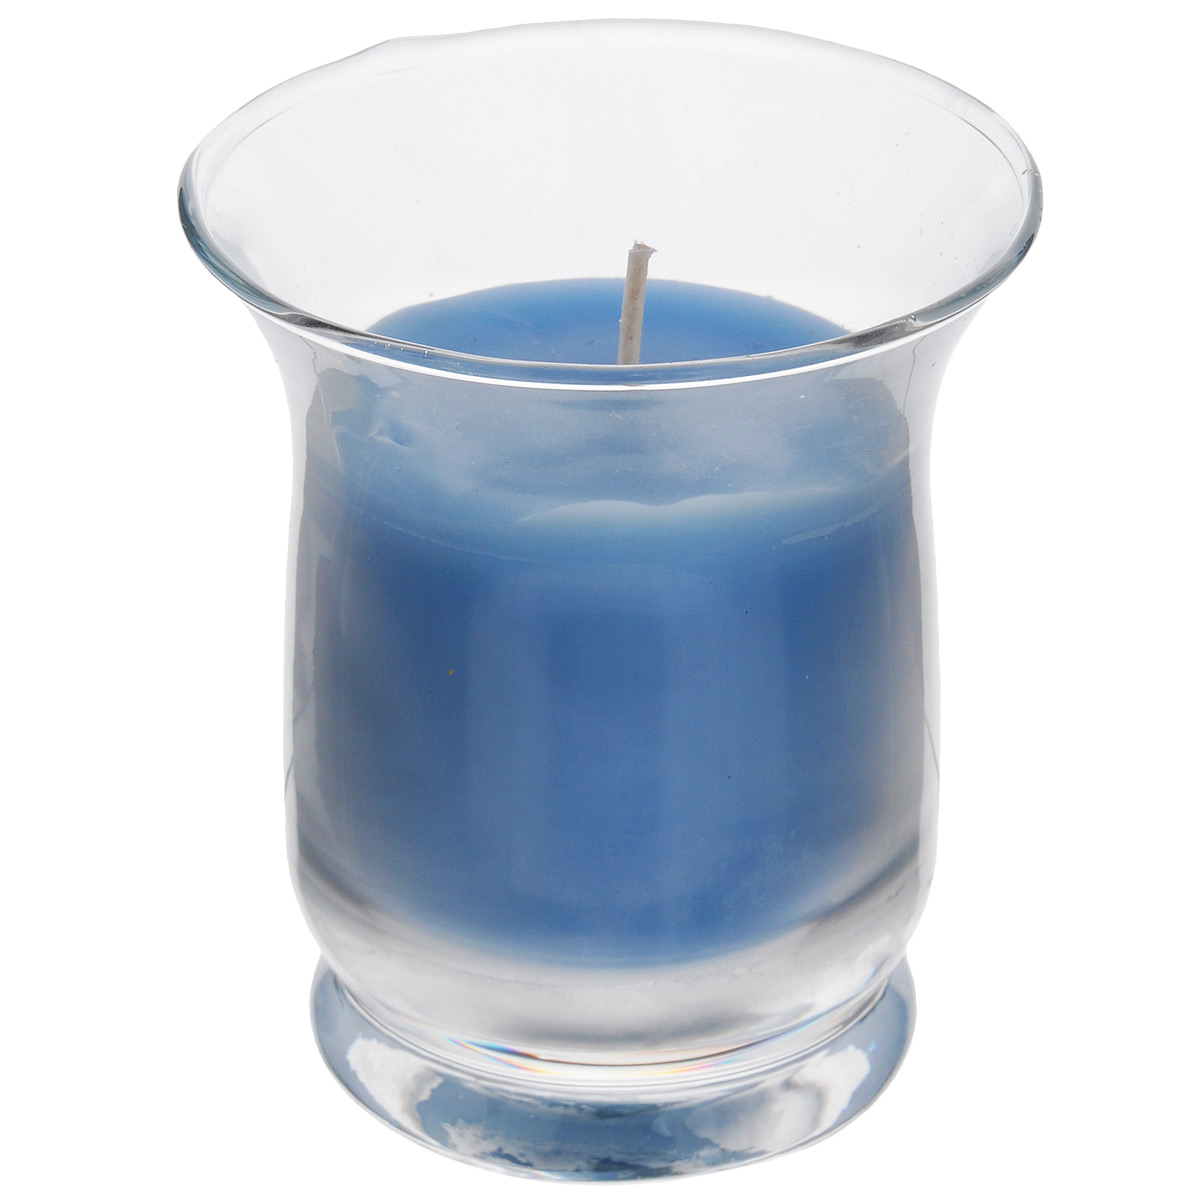 Свеча ароматизированная Sima-land Романтика, с ароматом океана, высота 7,5 см свеча ароматизированная sima land лимон на подставке высота 6 см